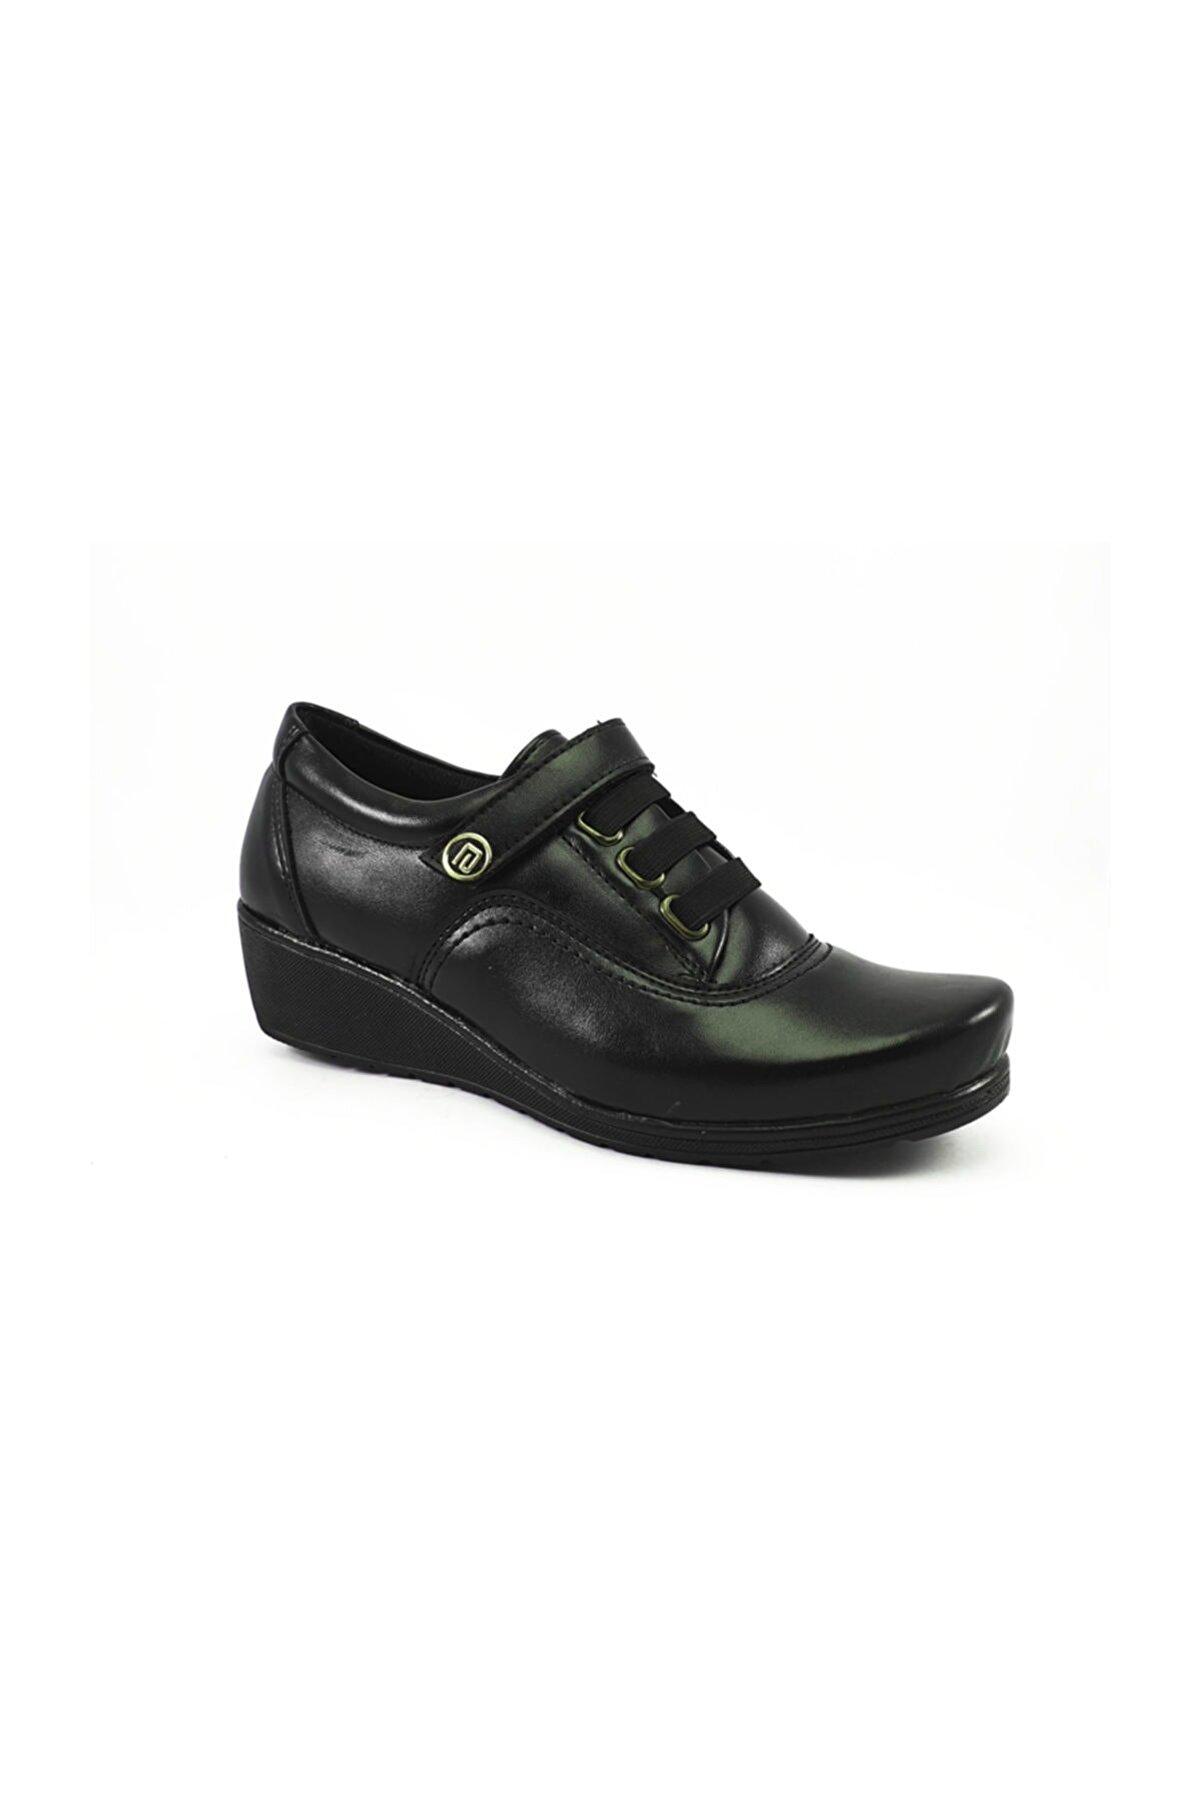 Dr. Flex Dr.flex Ortopedik Comfort Bayan Ayakkabı